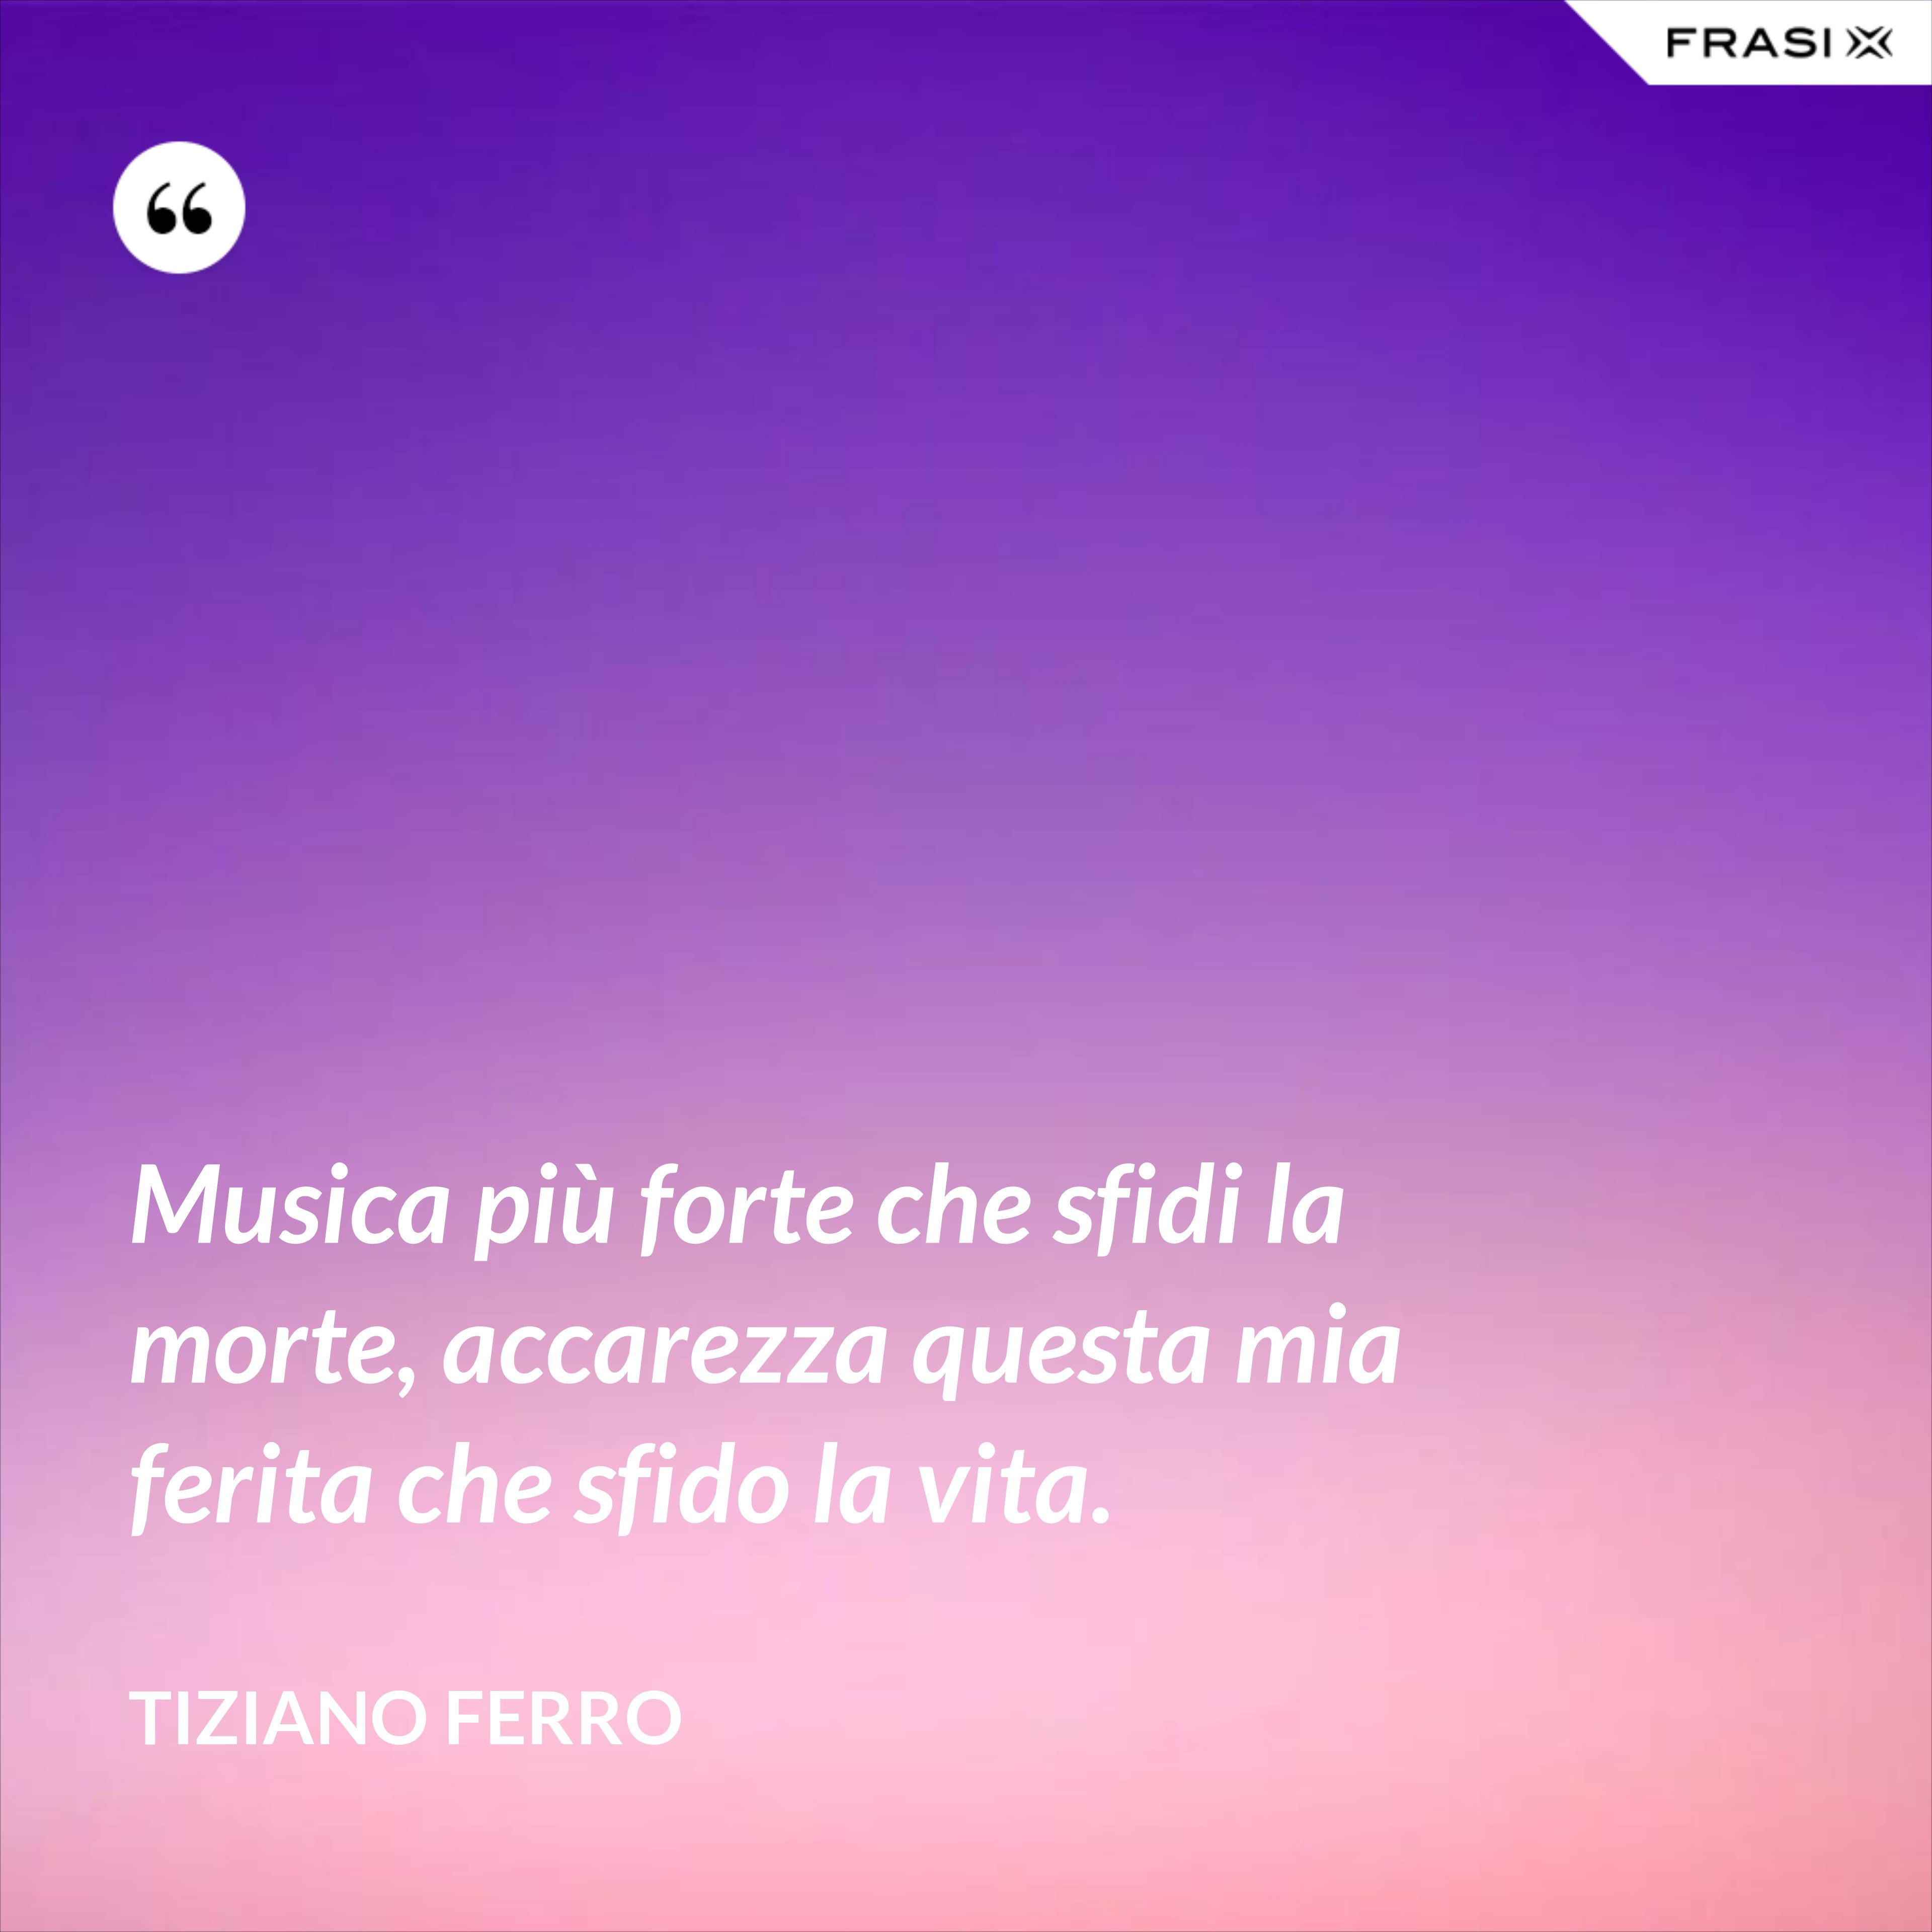 Musica più forte che sfidi la morte, accarezza questa mia ferita che sfido la vita. - Tiziano Ferro